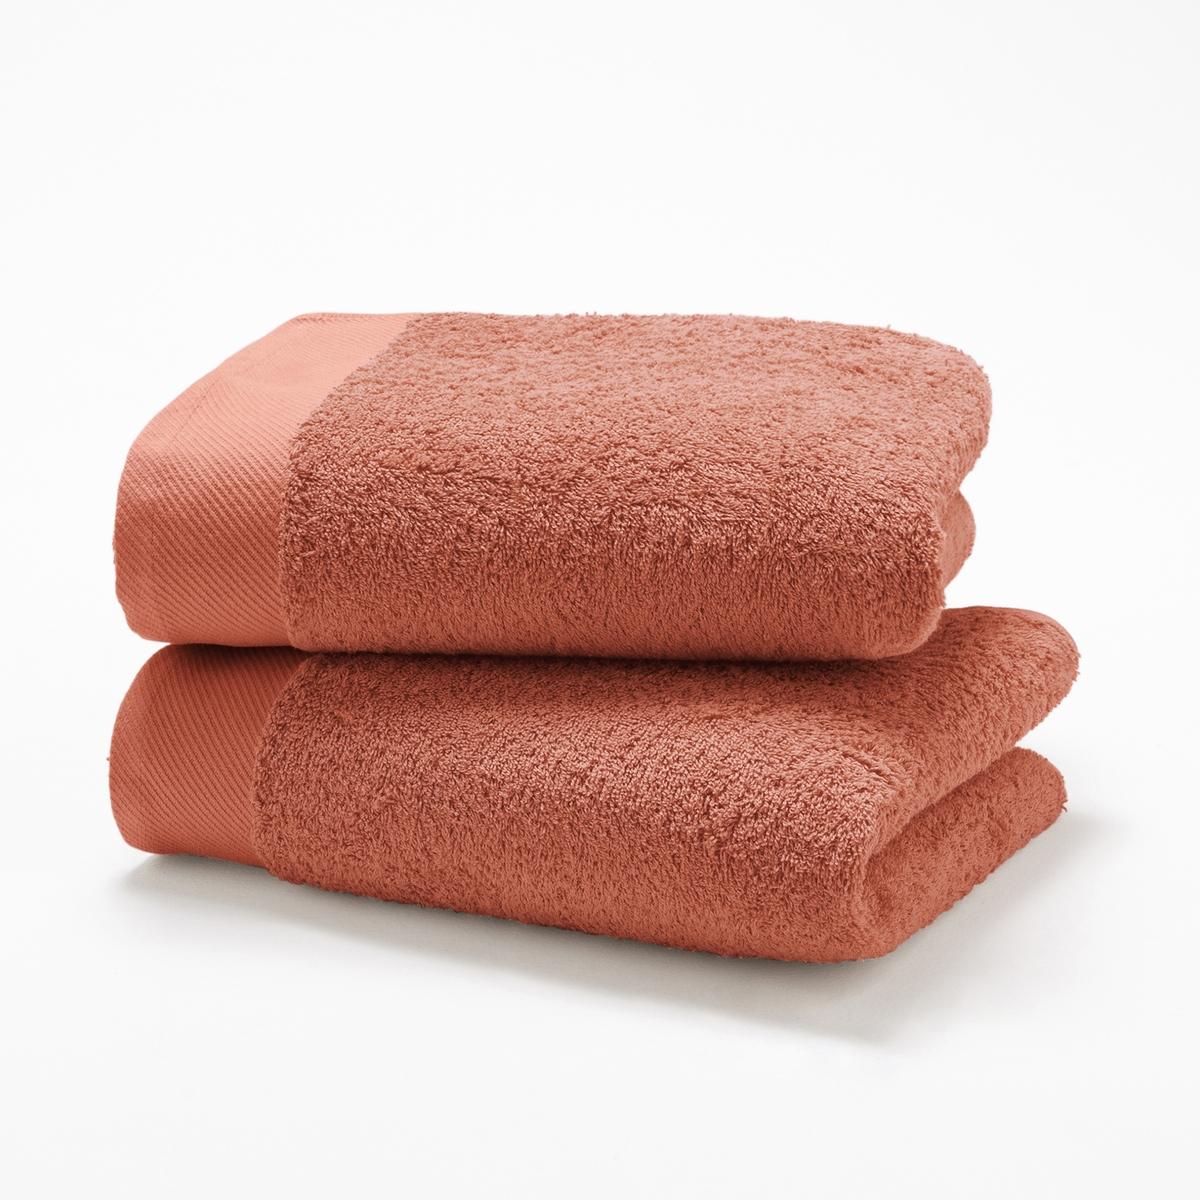 Комплект из 2 полотенец из махровой ткани 500 г/м?Комплект из 2 полотенец из высококачественной махровой ткани, 100% хлопок (500 г/м?), невероятно нежной, мягкой и отлично впитывающей влагу.Полотенца разных цветов для ванной...Характеристики 2 однотонных полотенец :- Махровая ткань, 100% хлопок (500 г/м?).- Отделка краев диагонали.- Машинная стирка при 60 °С.- Машинная сушка.- Замечательная износоустойчивость, сохраняет мягкость и яркость окраски после многочисленных стирок.- Размеры полотенца : 50 x 100 см.- В комплекте 2 полотенца. Знак Oeko-Tex® гарантирует, что товары протестированы и сертифицированы, не содержат вредных веществ, которые могли бы нанести вред здоровью.<br><br>Цвет: гуава